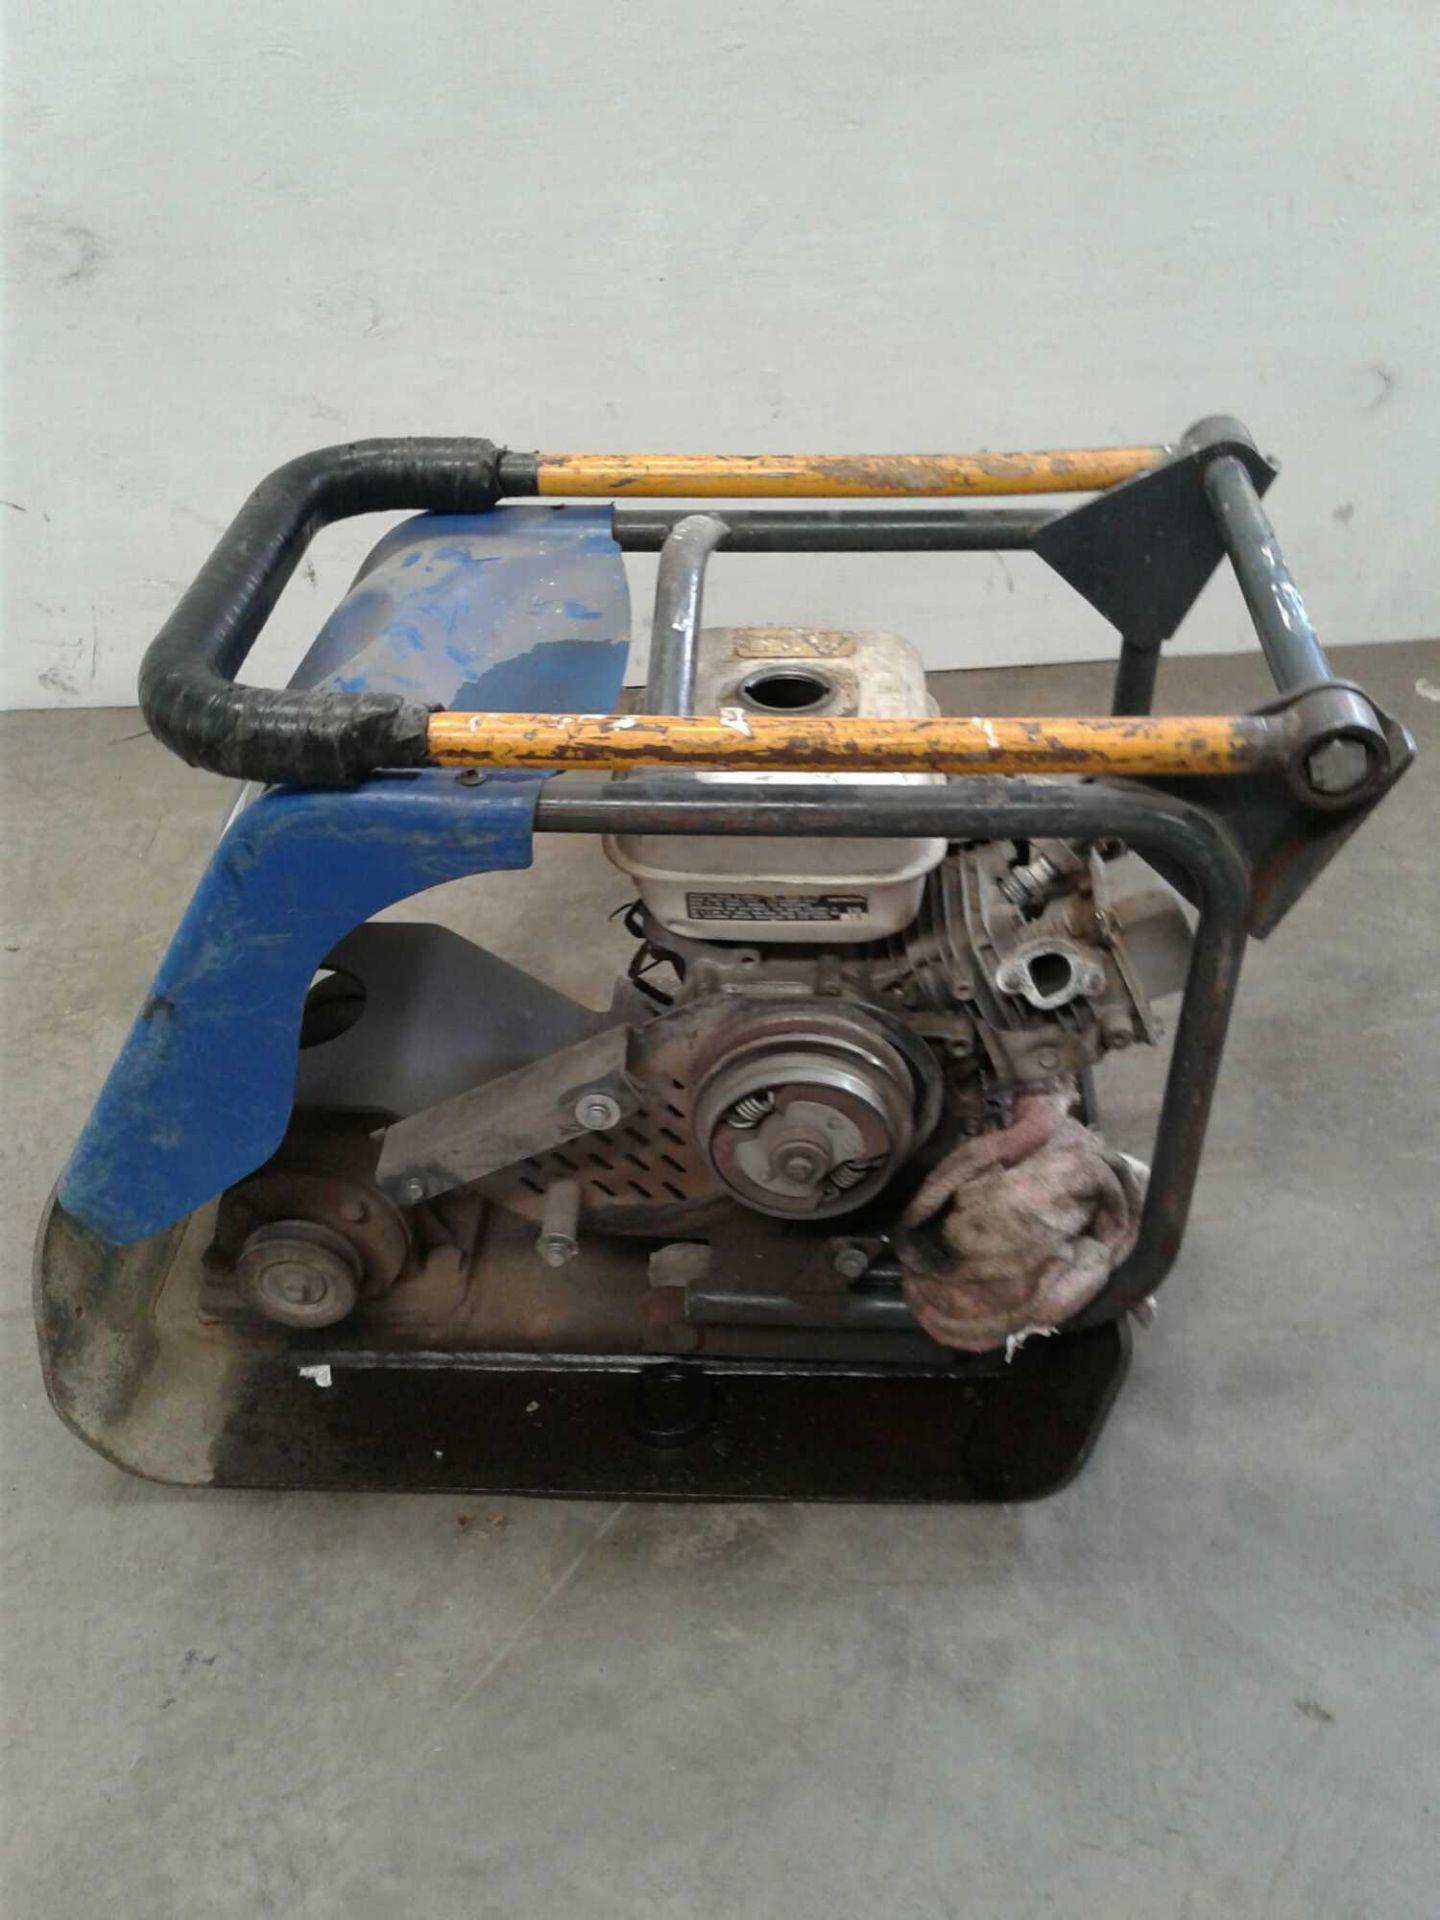 Lot 36 - 14-in petrol wacker plate